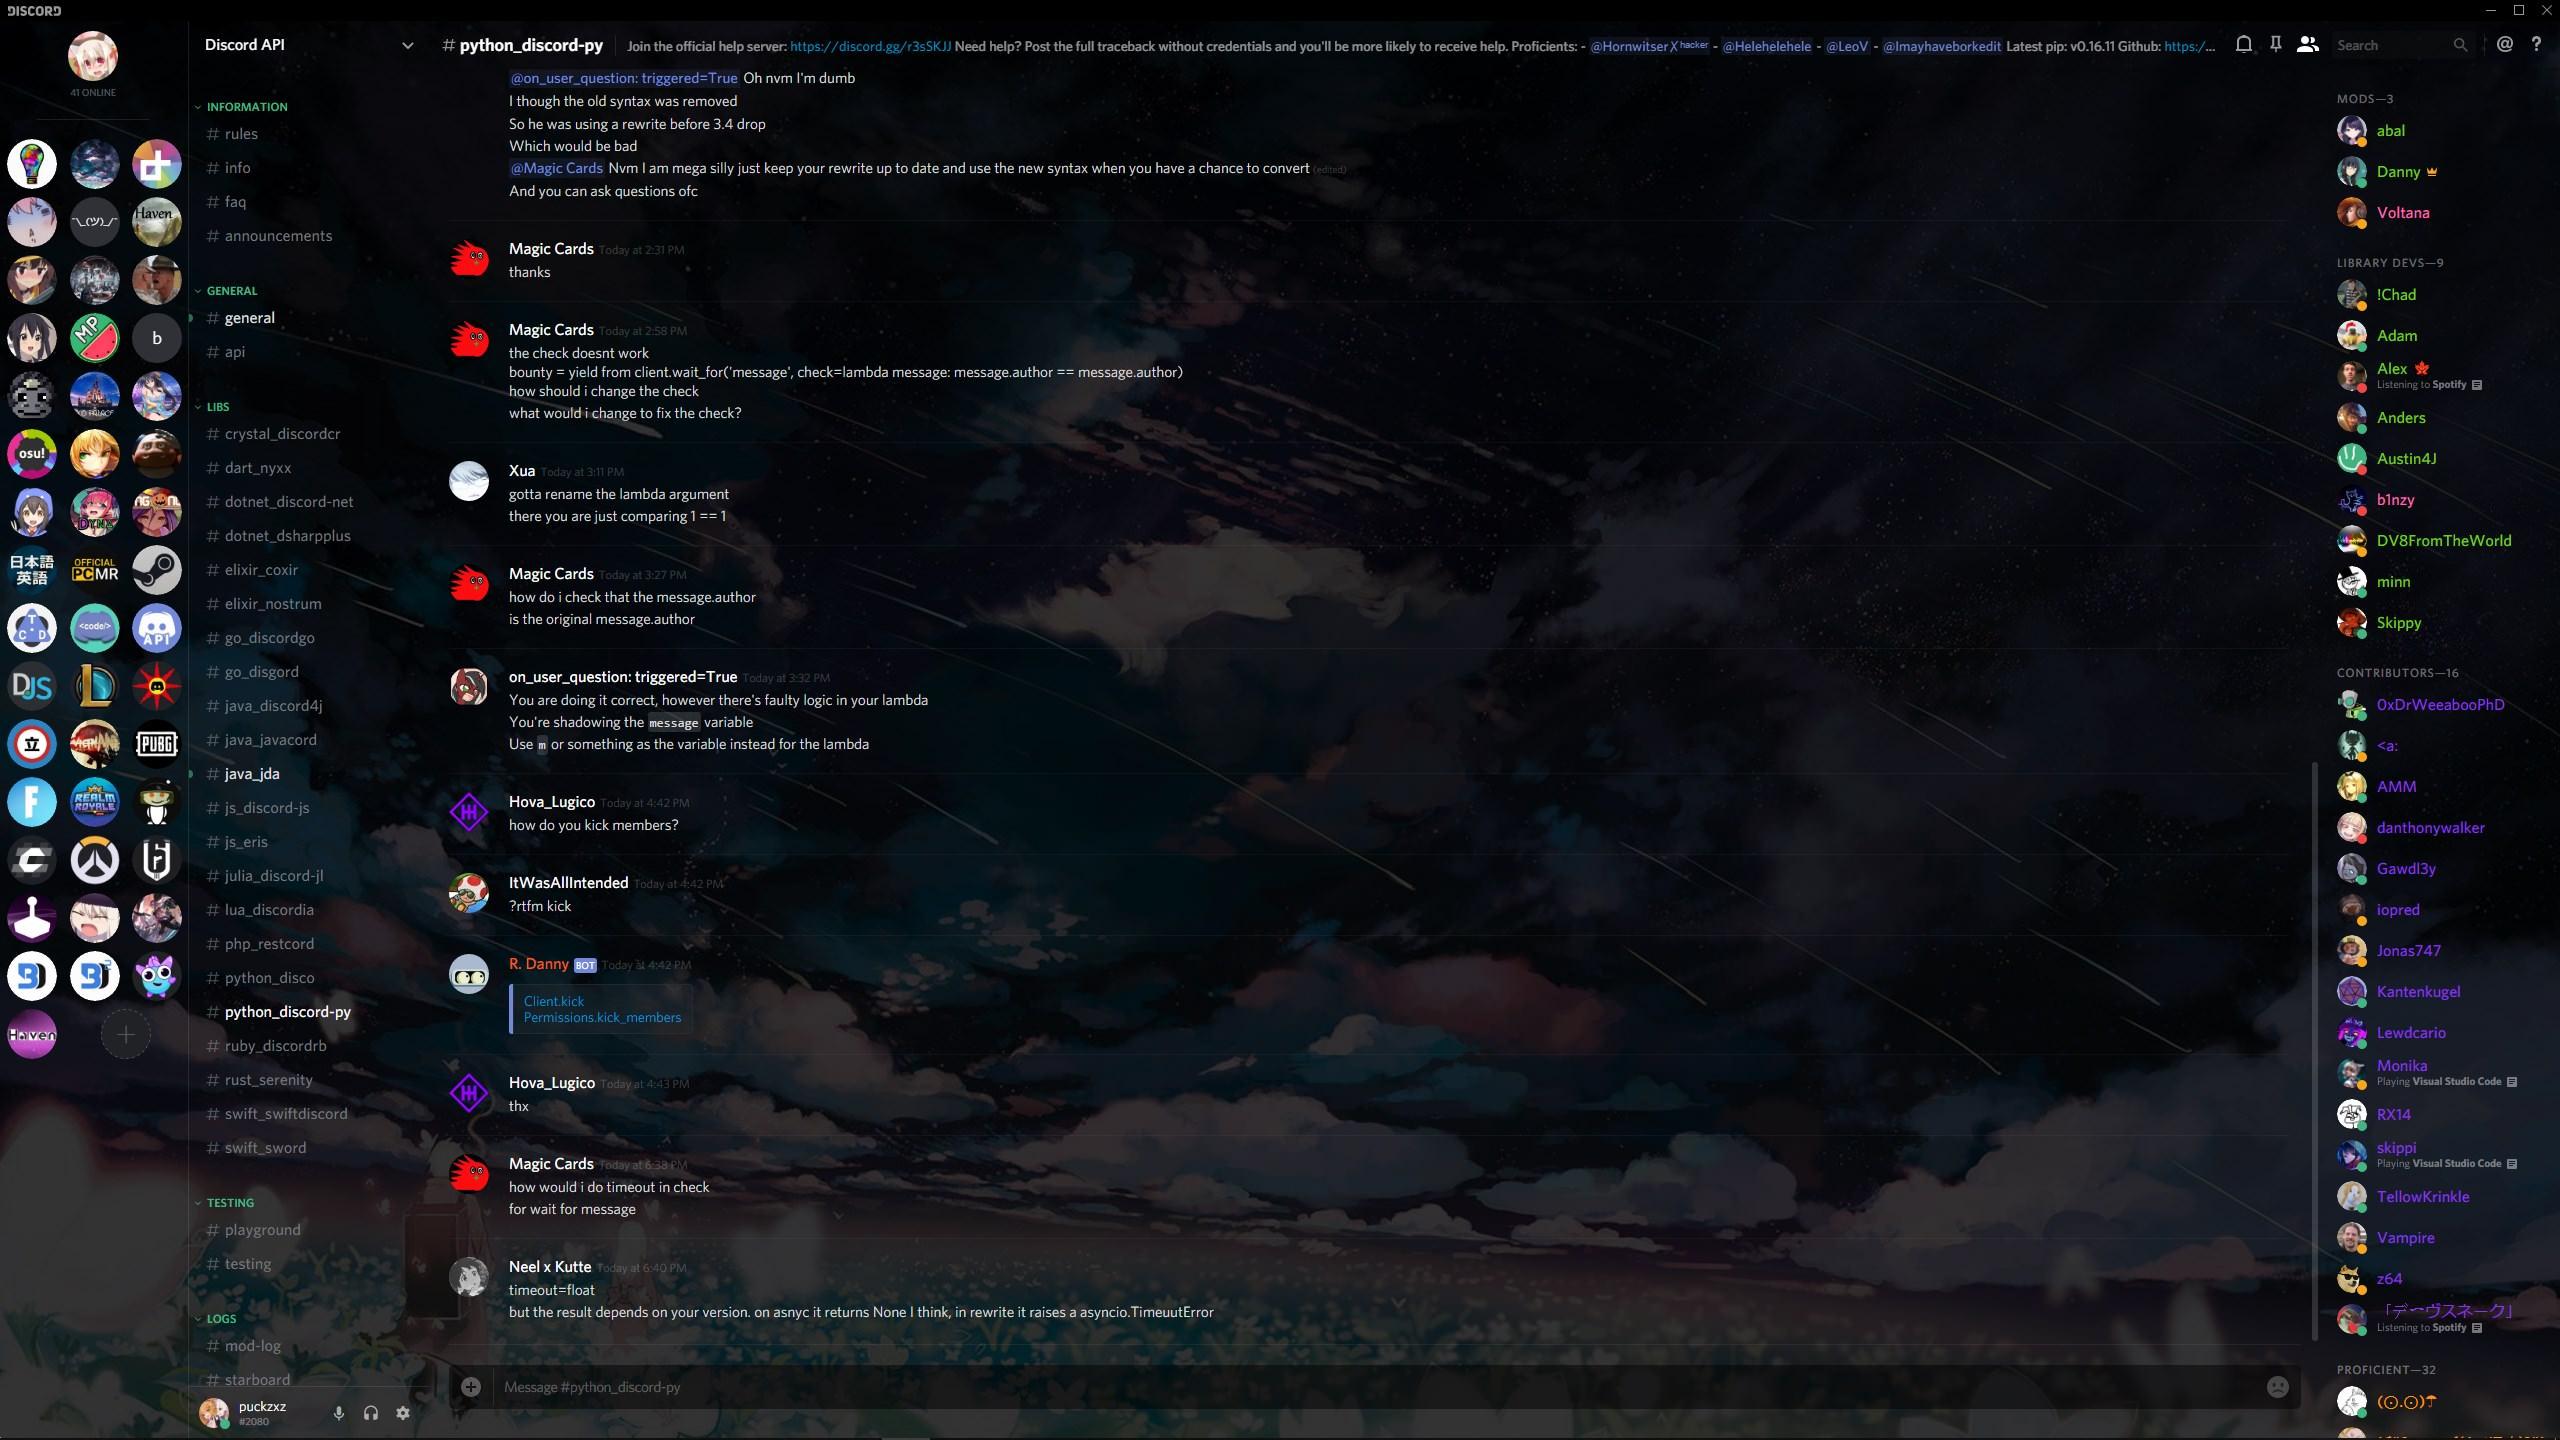 GitHub - puckzxz/NotAnotherAnimeTheme: A easily customizable